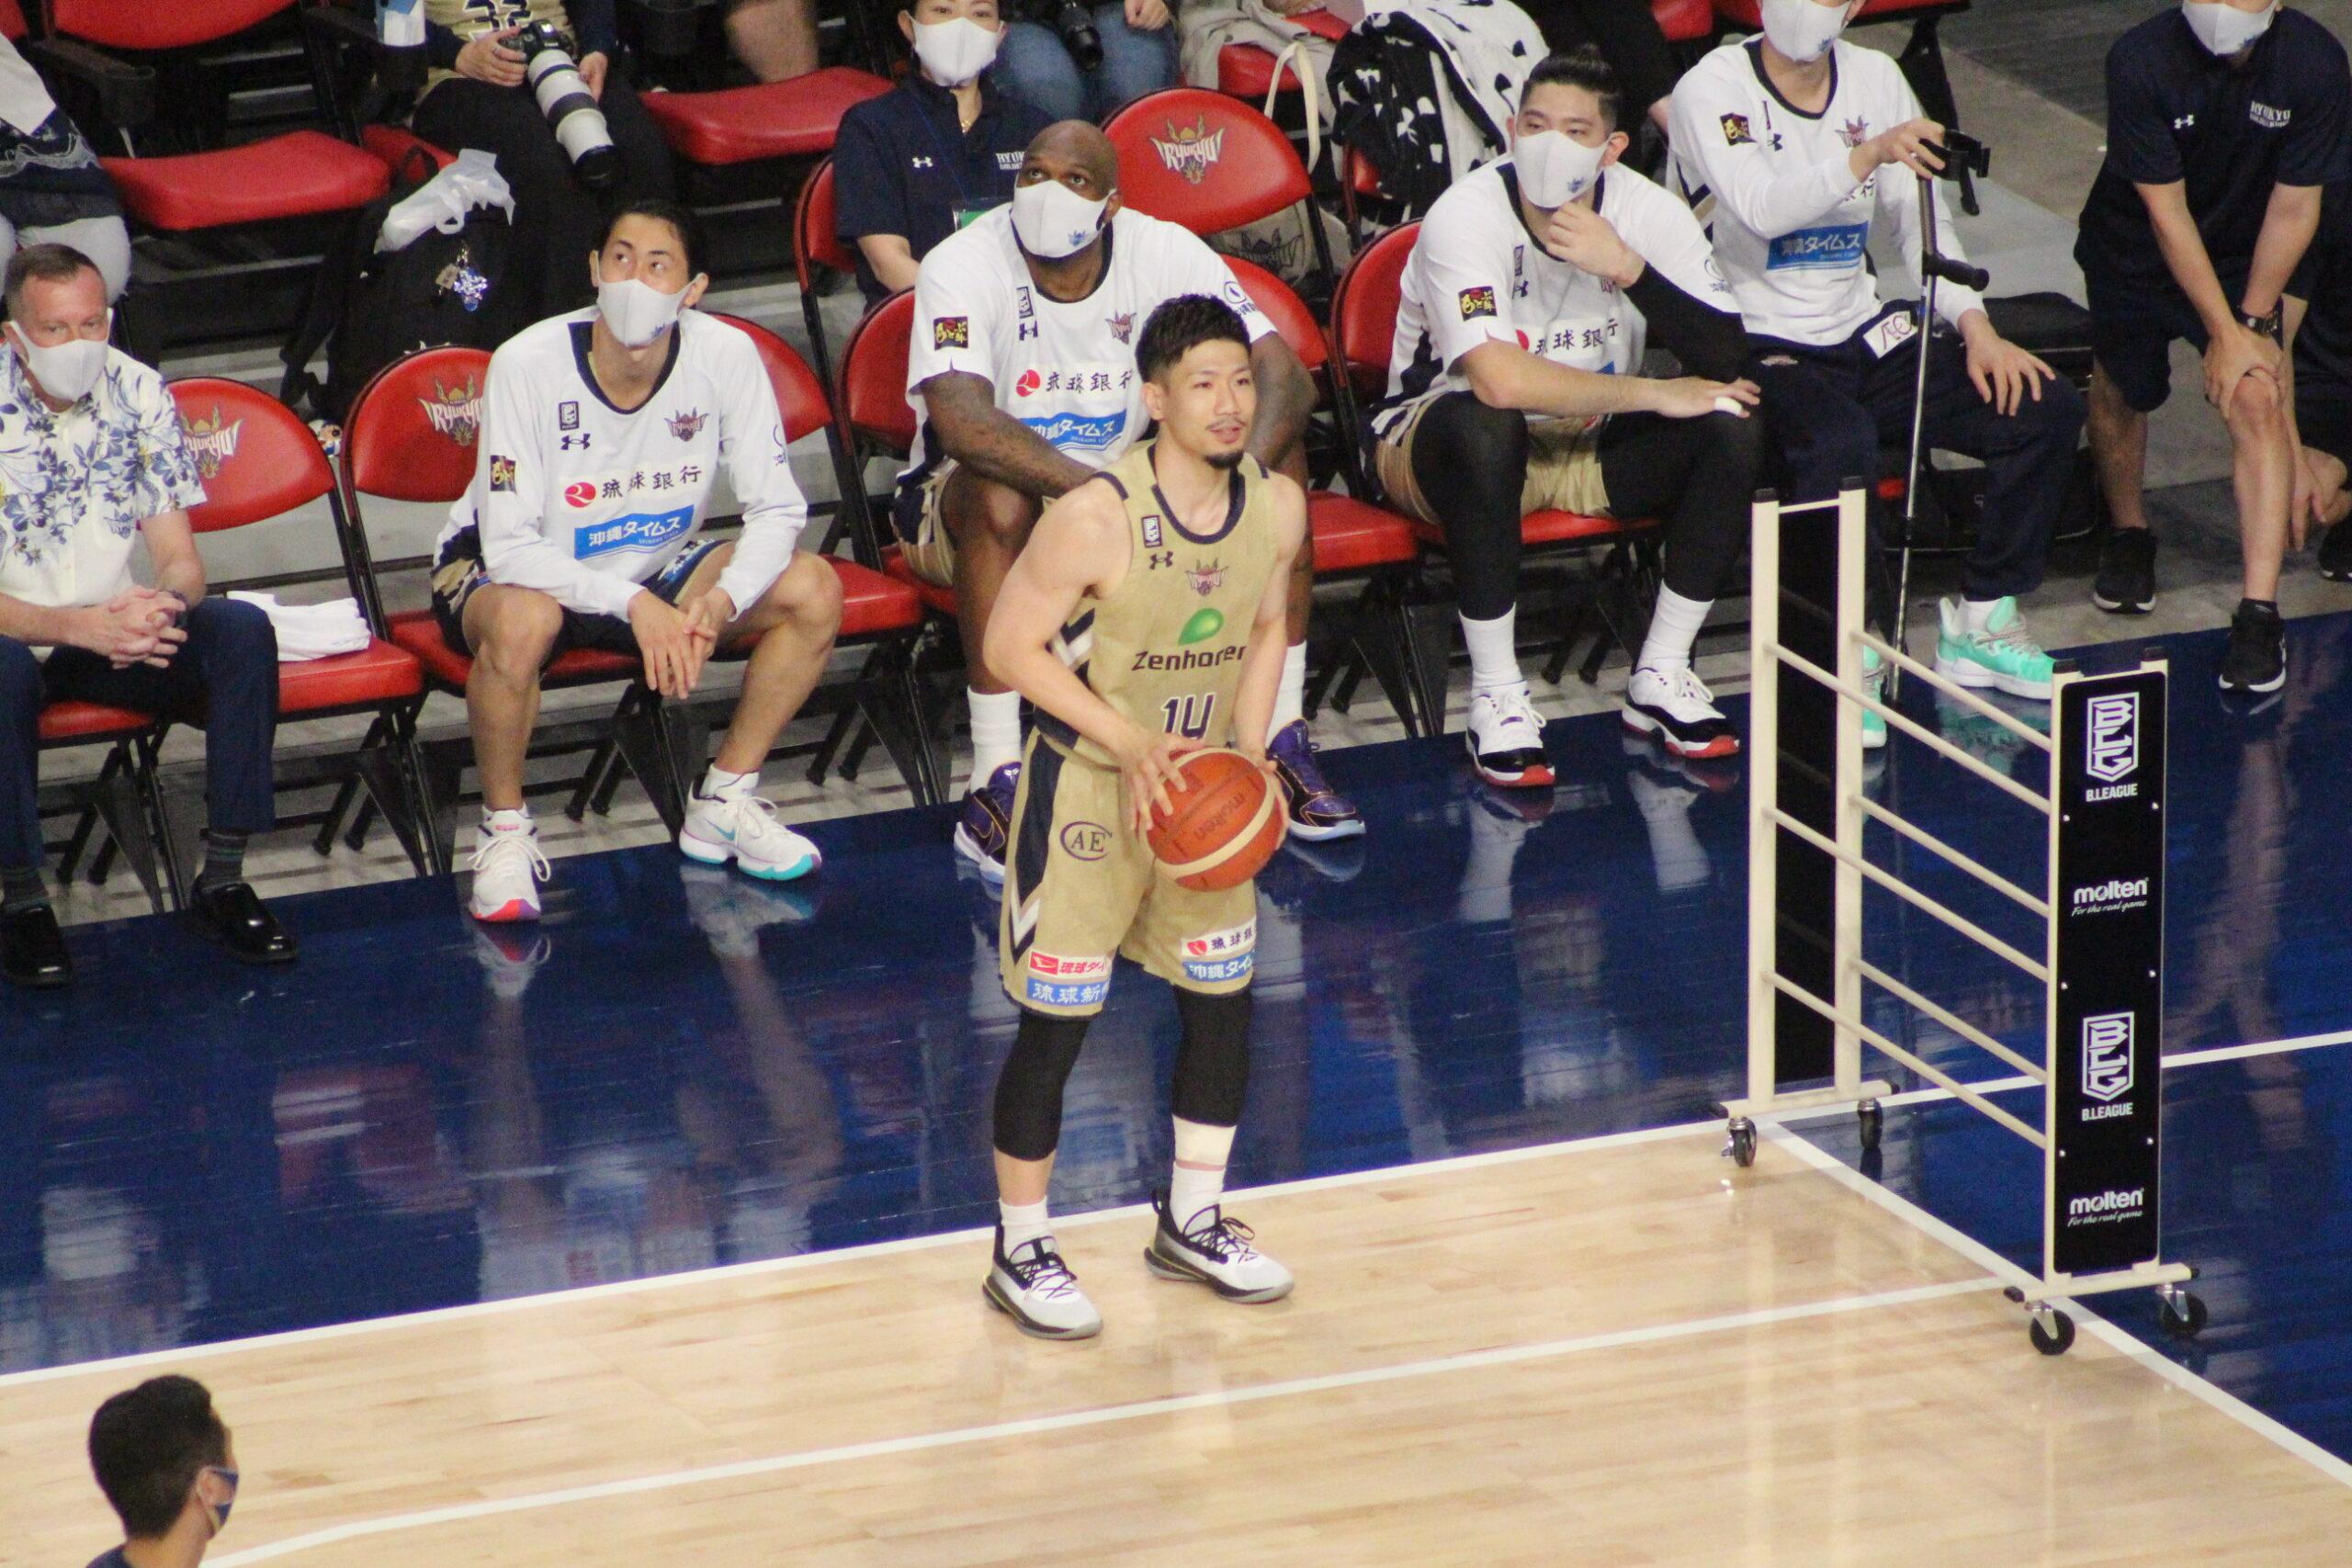 バスケ新時代の幕開け‼︎バスケ専用アリーナ沖縄市に誕生。 沖縄アリーナで選手達が感じたこと